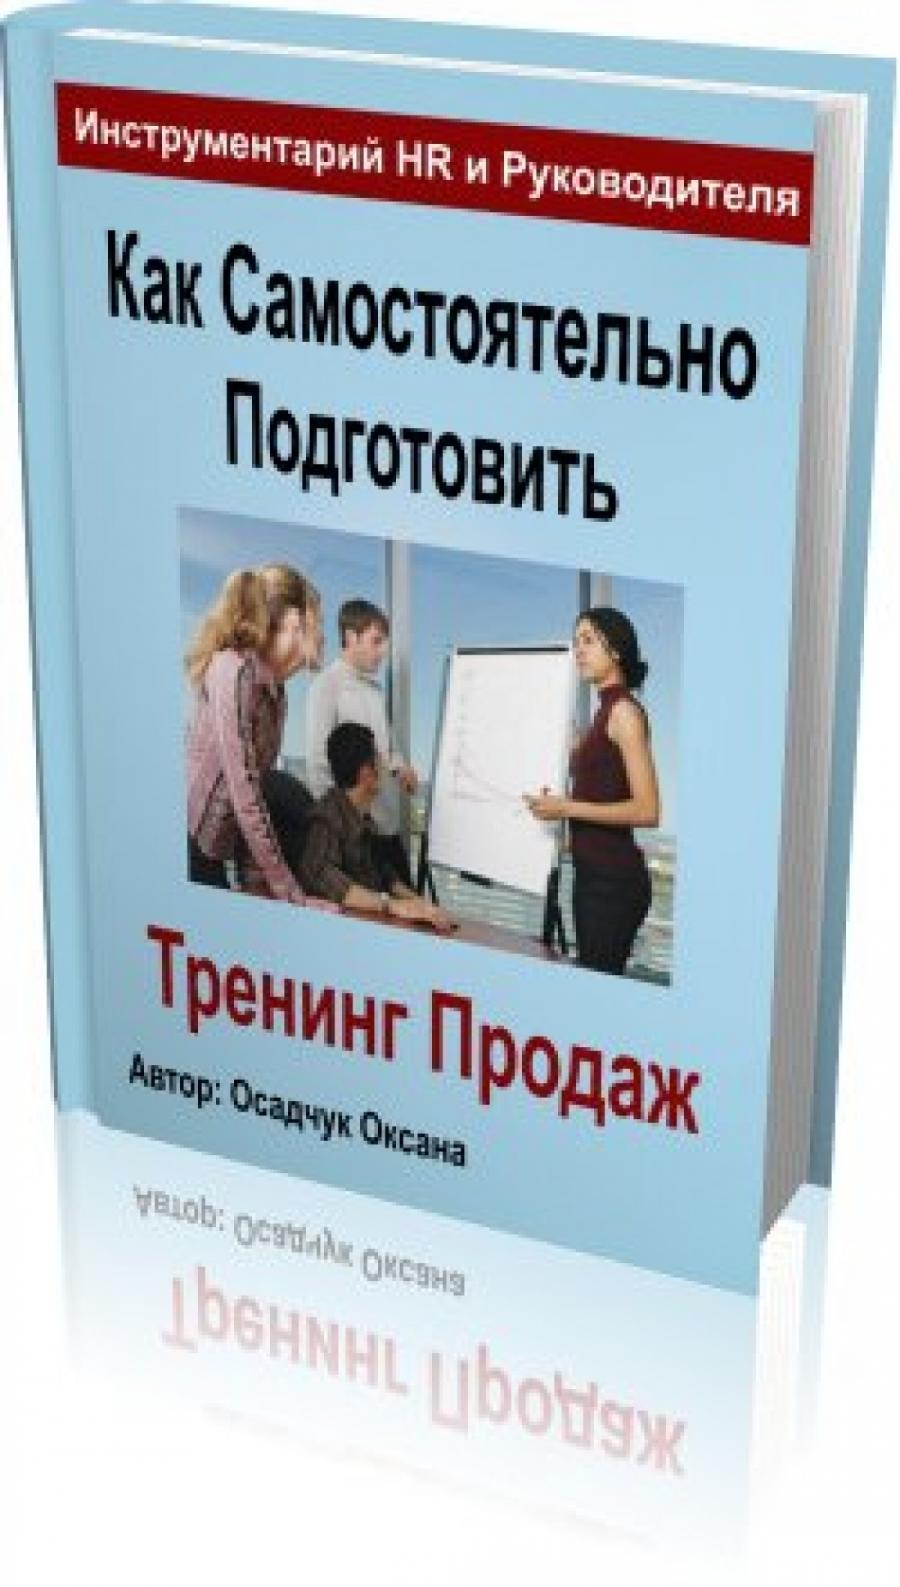 Обложка книги:  осадчук о.м. - как самостоятельно подготовить тренинг продаж.